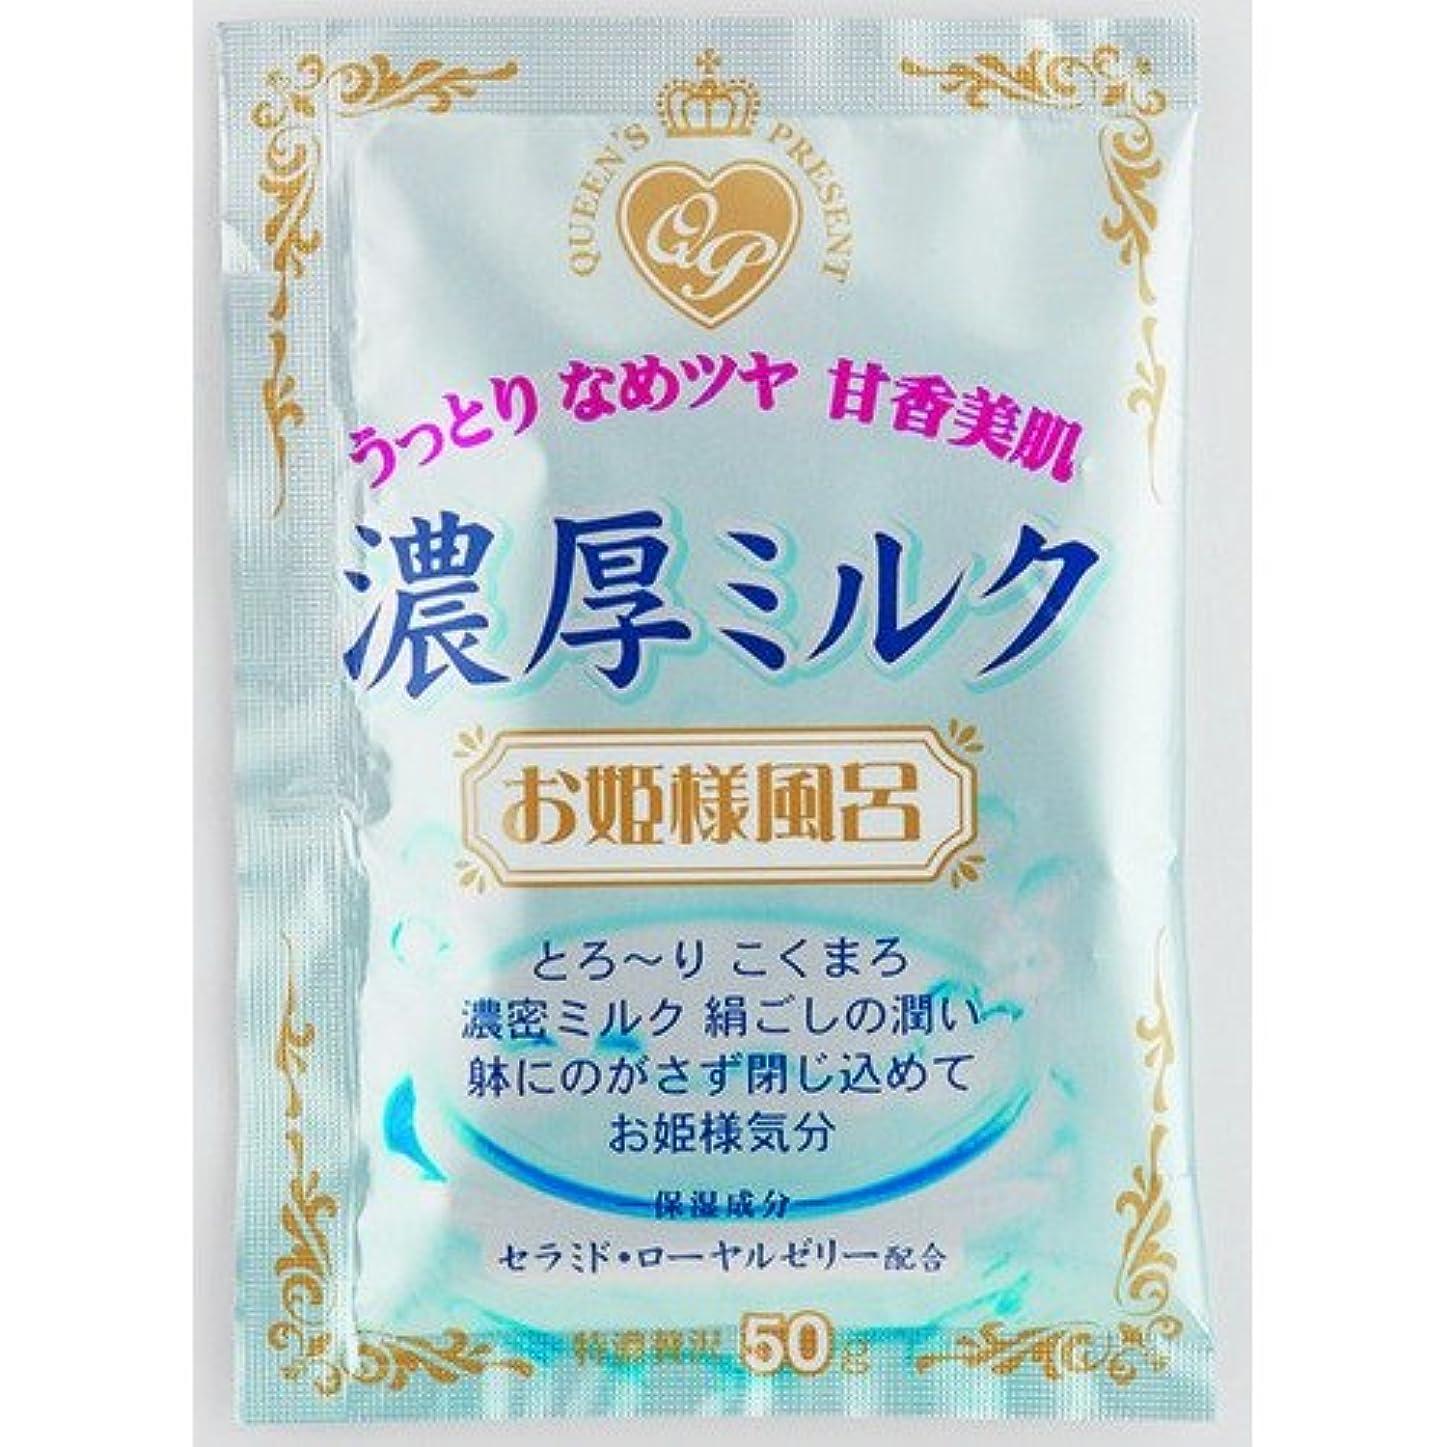 女の子構造的応援するお姫様風呂 濃厚ミルク 50g